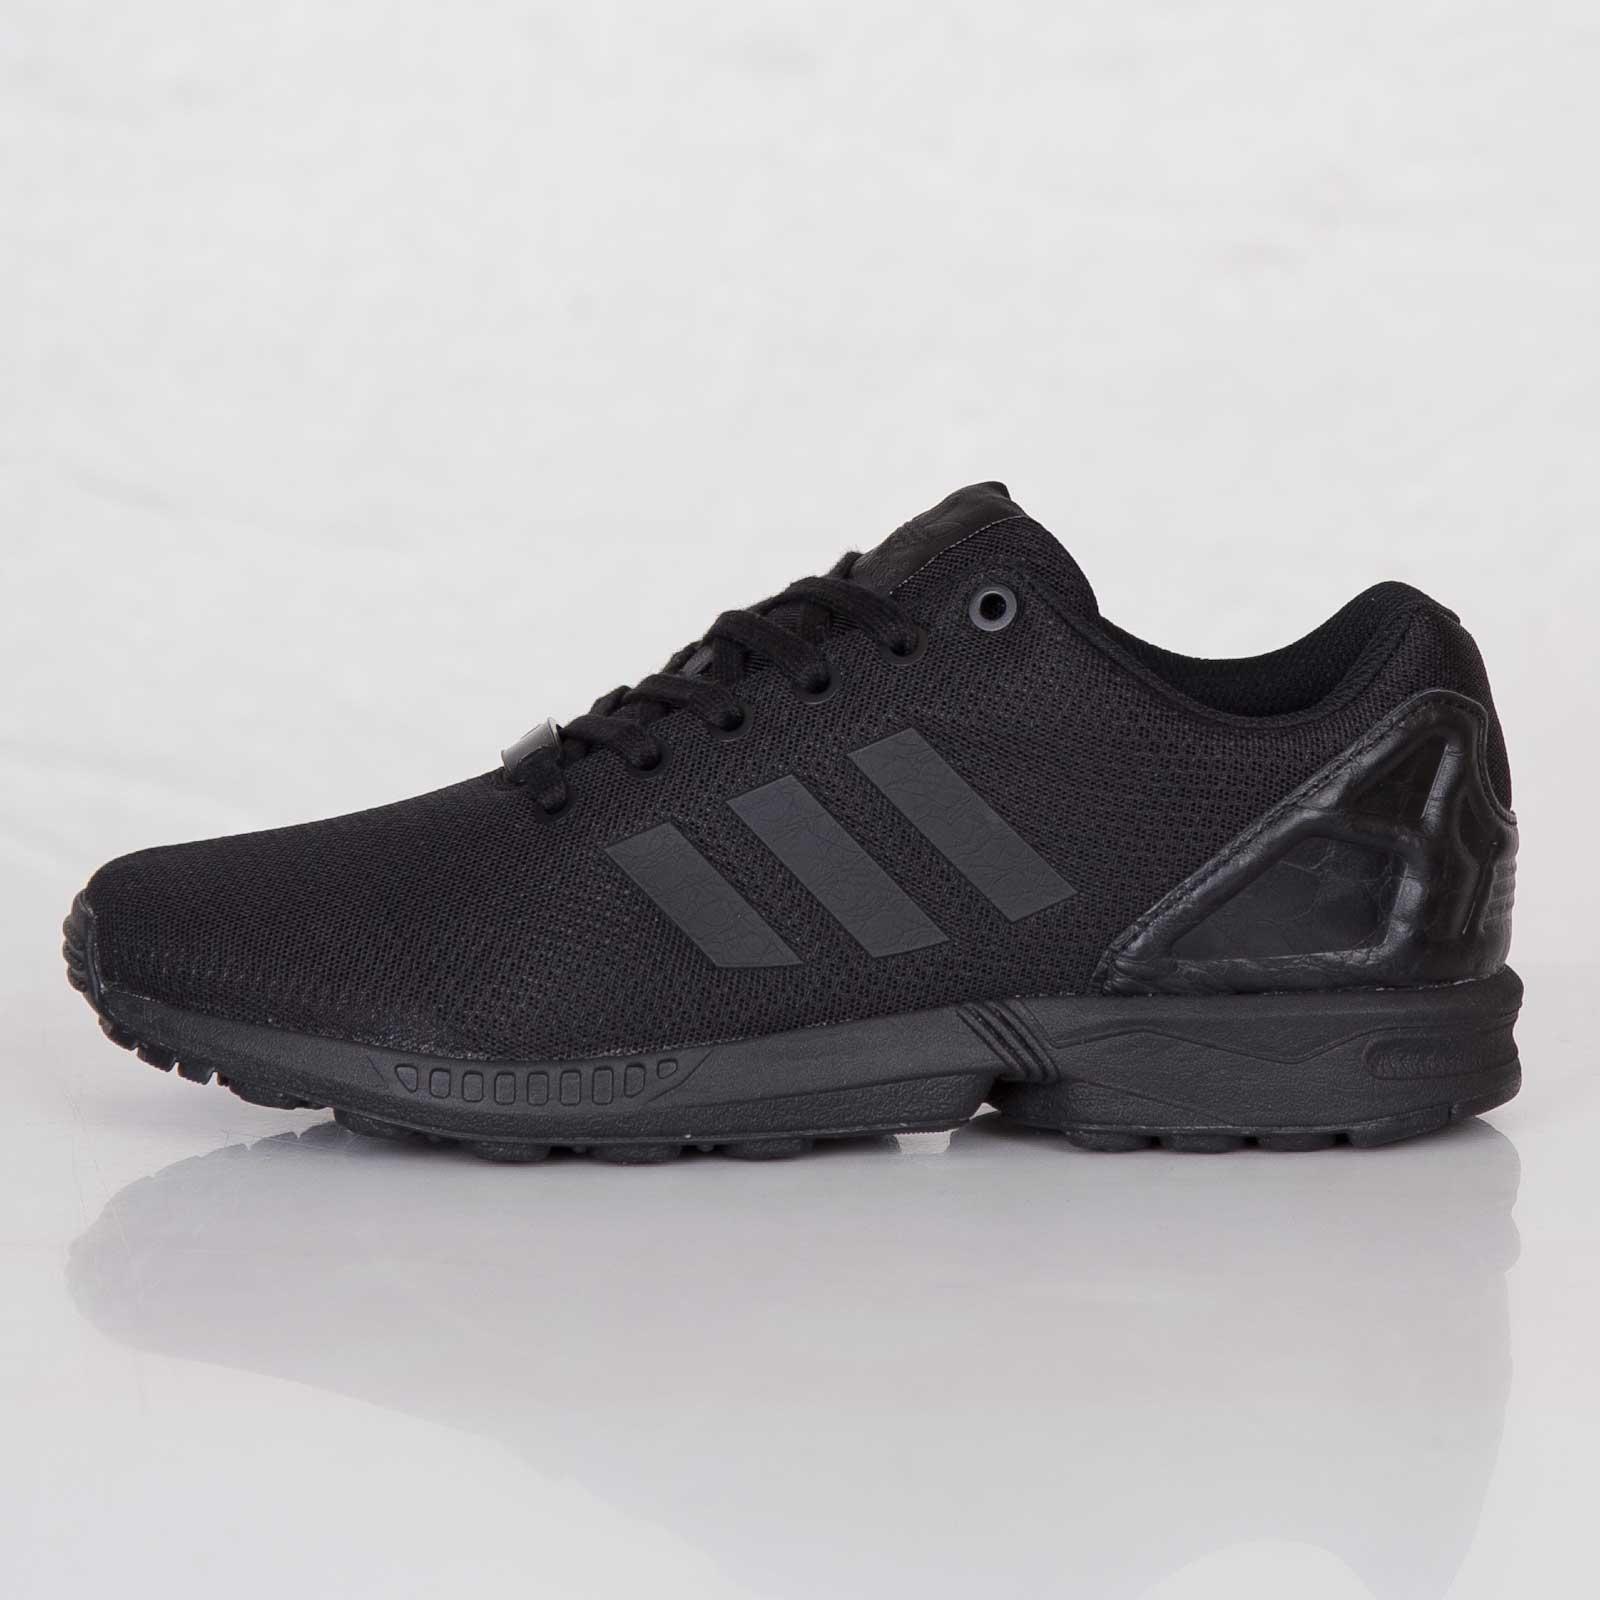 nouveau produit c2a5b 749bf adidas ZX Flux - M22507 - Sneakersnstuff | sneakers ...